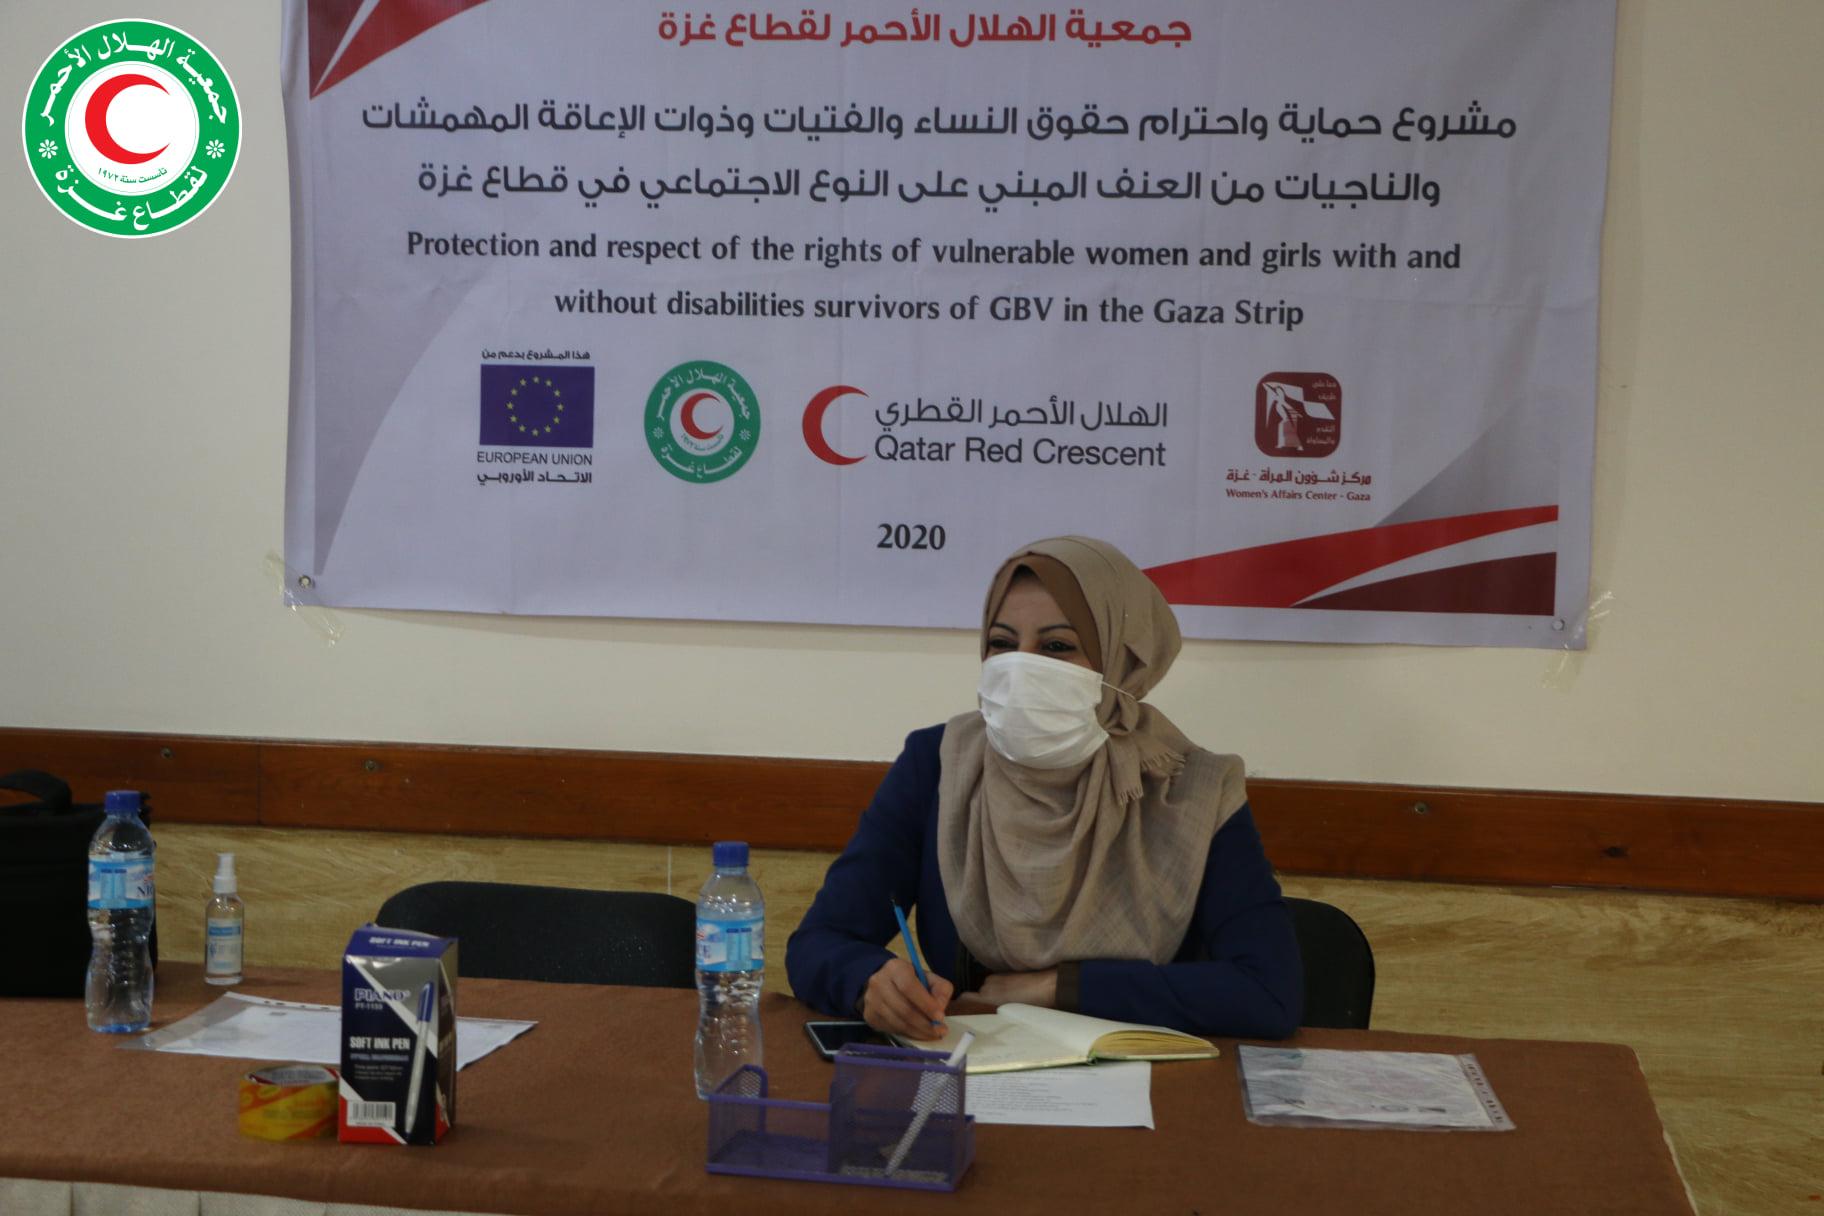 تقييم بعض أنشطة المشروع متعددة القطاعات والمستجيبة للعنف المبني على النوع الاجتماعي.